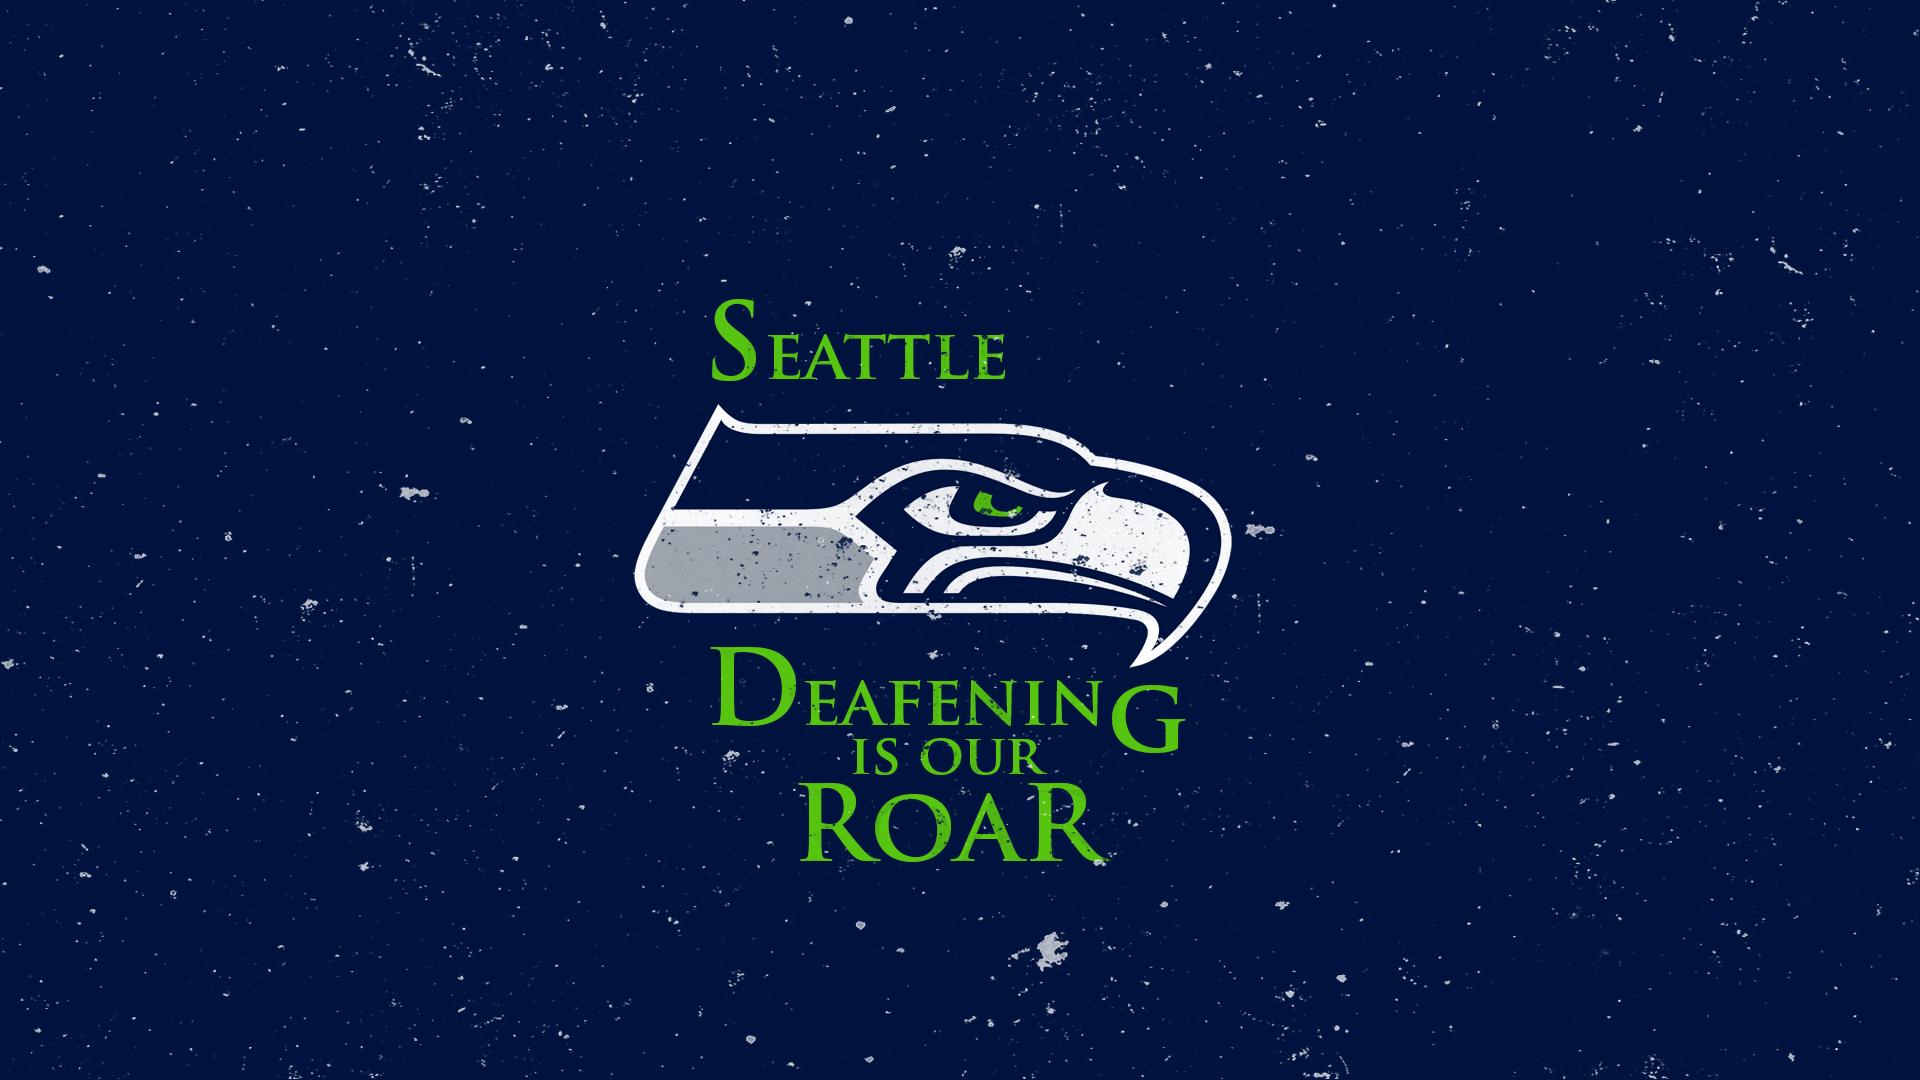 07d4340ad 2013 Seattle Seahawks nfl football hj wallpaper 1920x1080 149808 1920x1080